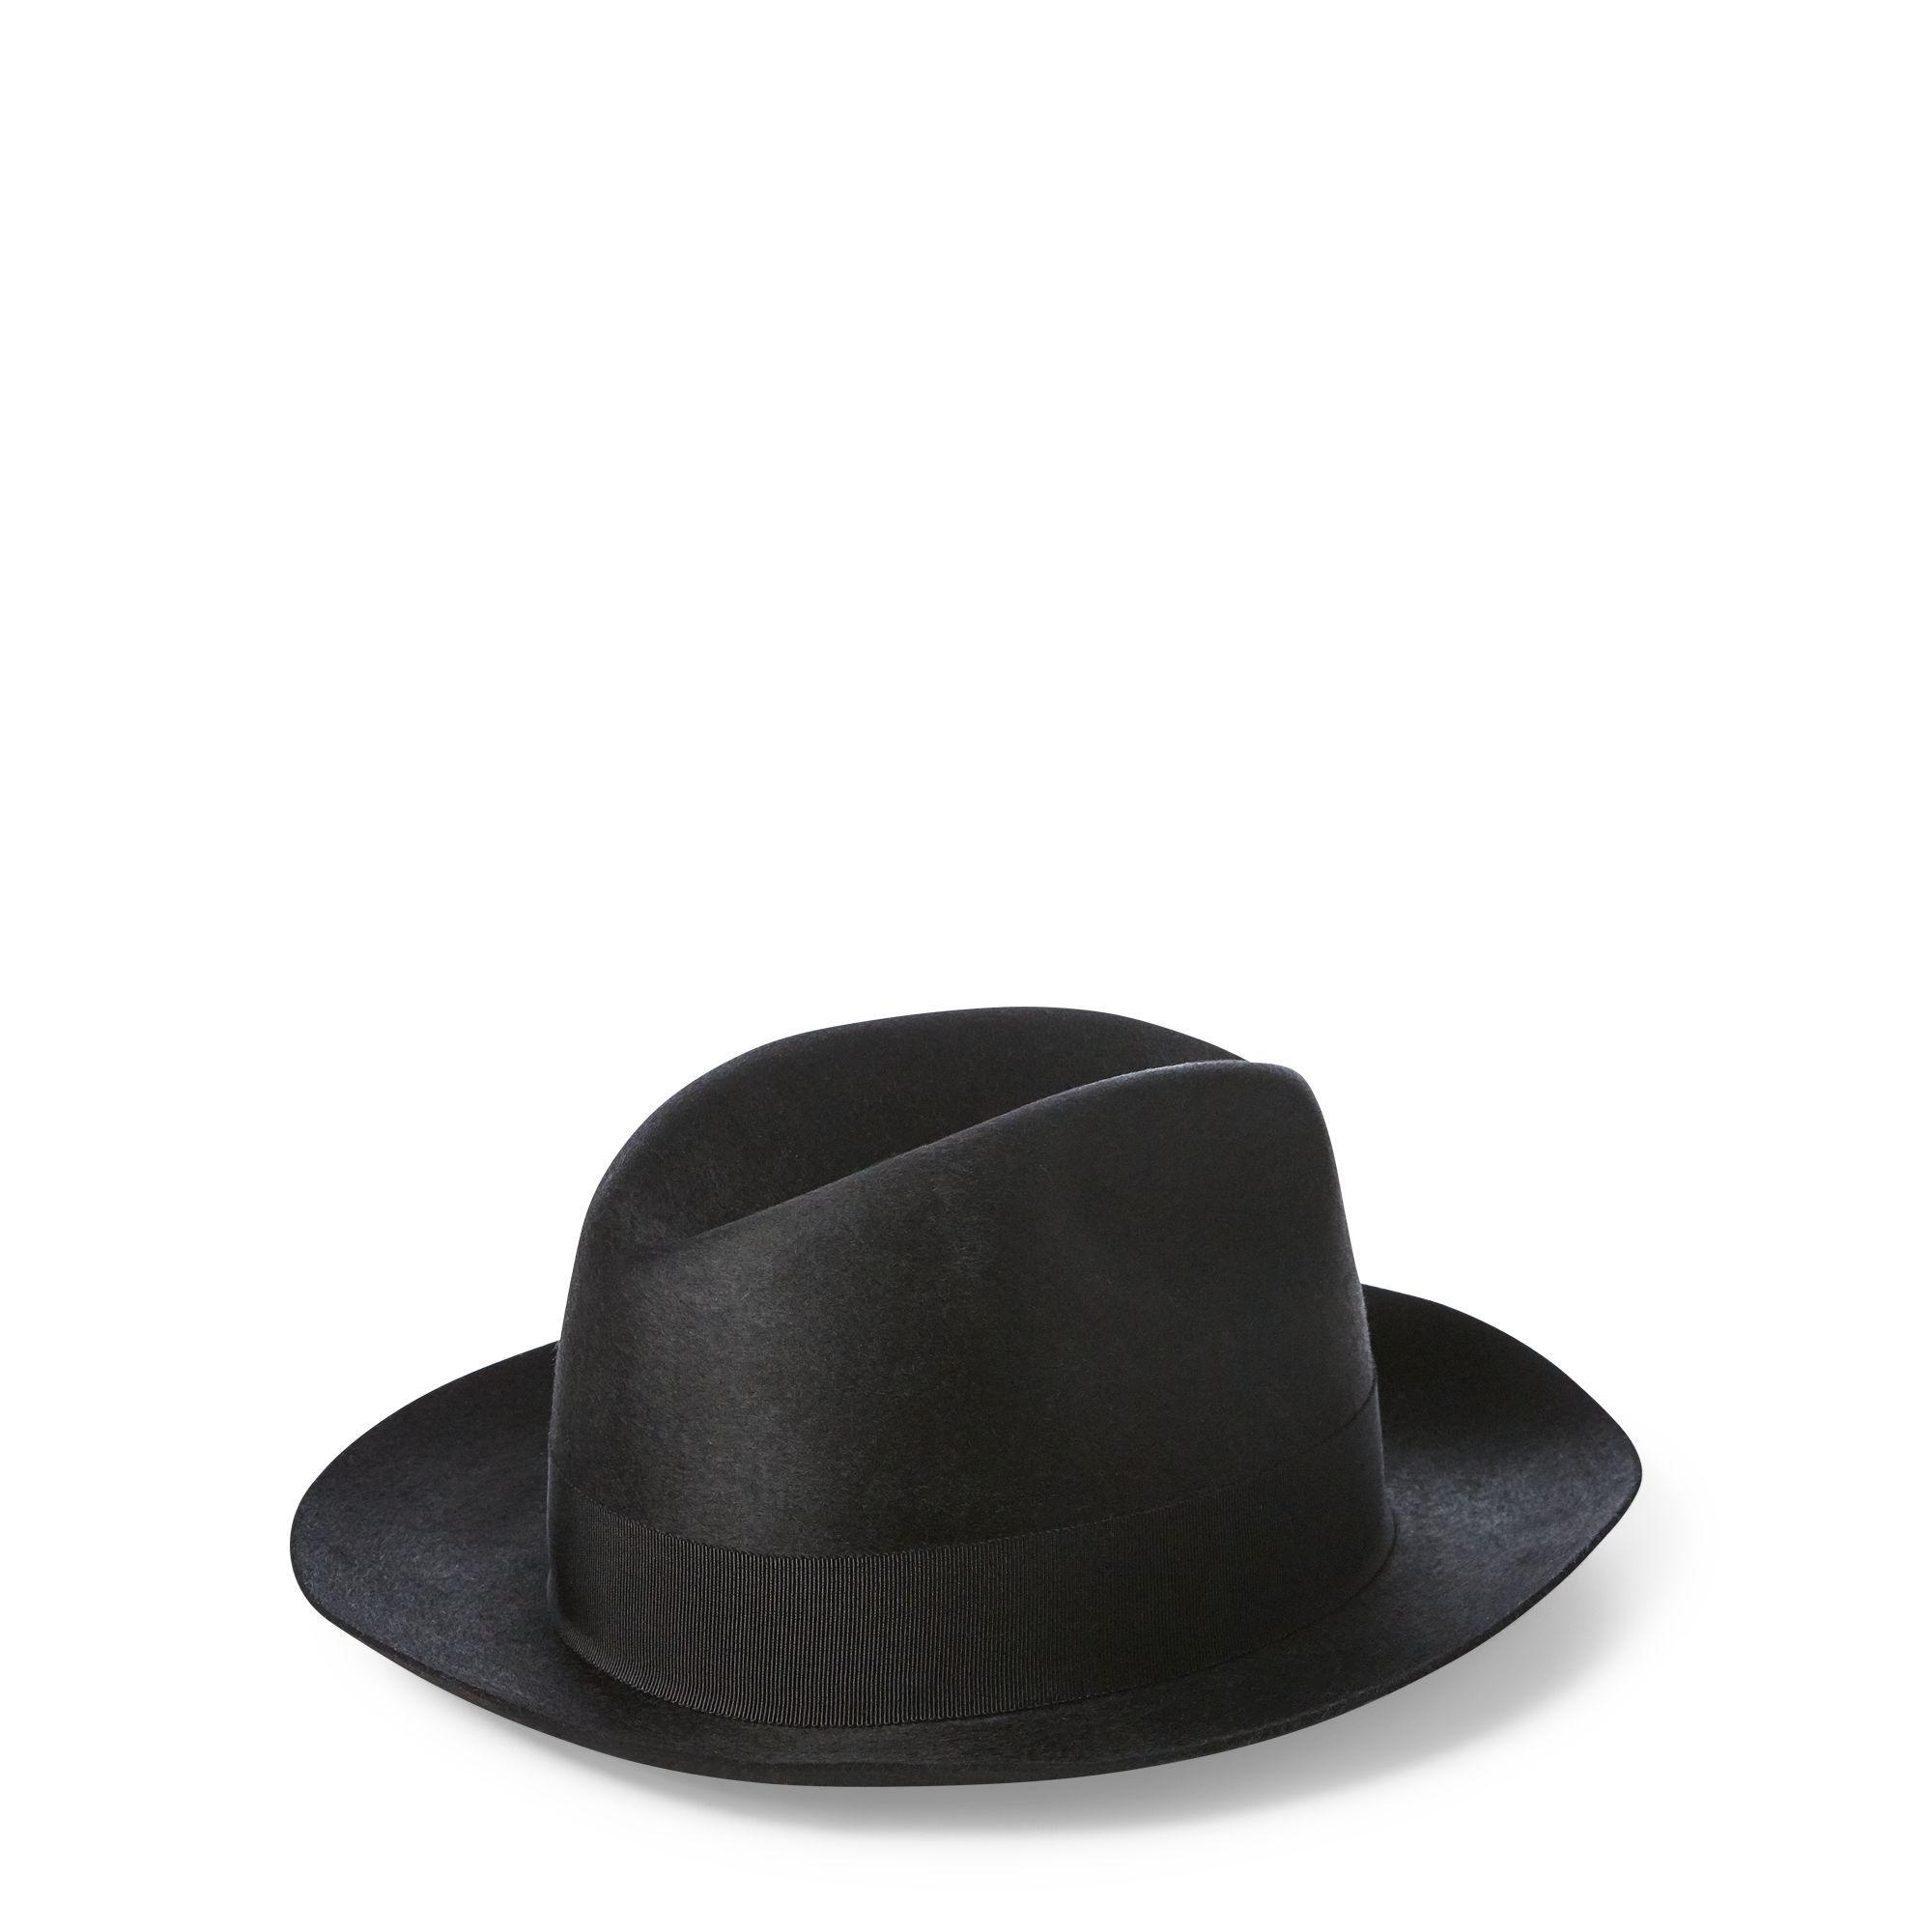 1a84a2556df Polo Ralph Lauren - Black Wool Felt Fedora - Lyst. View fullscreen